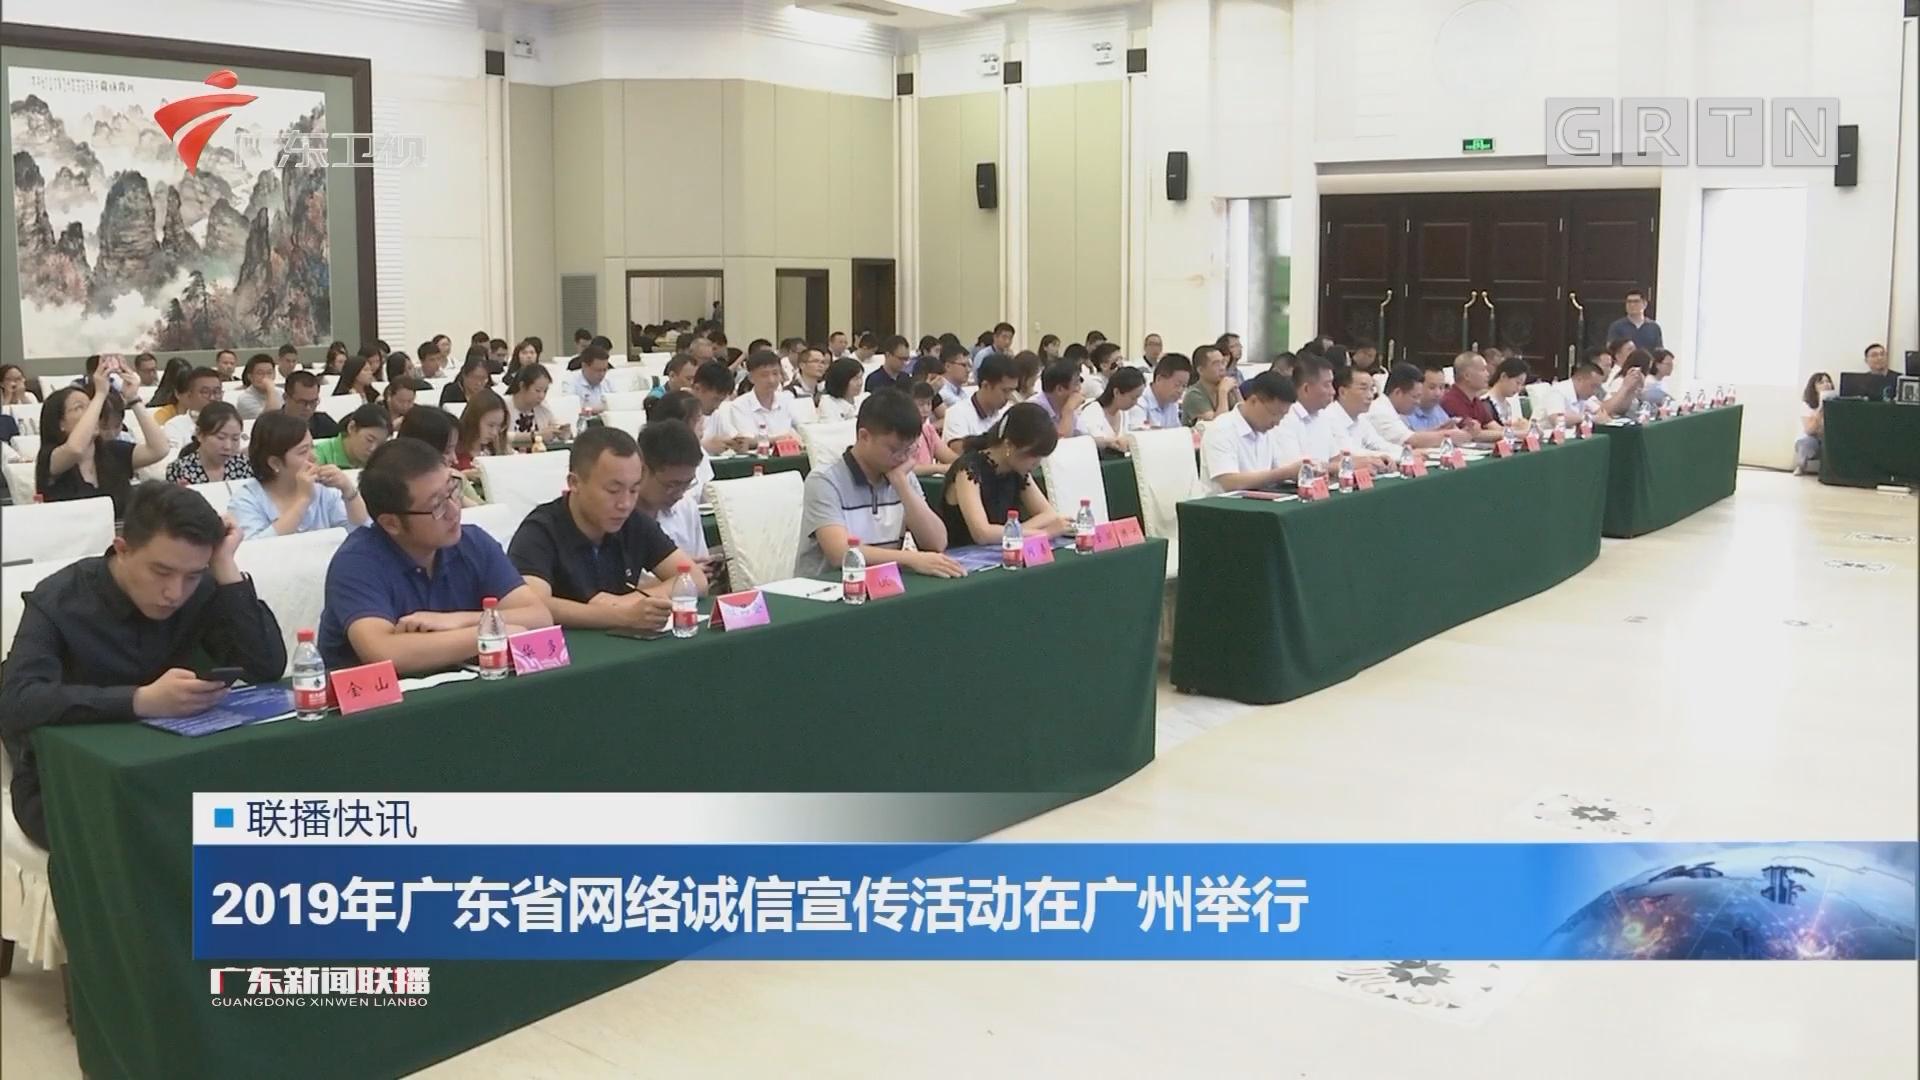 2019年广东省网络诚信宣传活动在广州举行